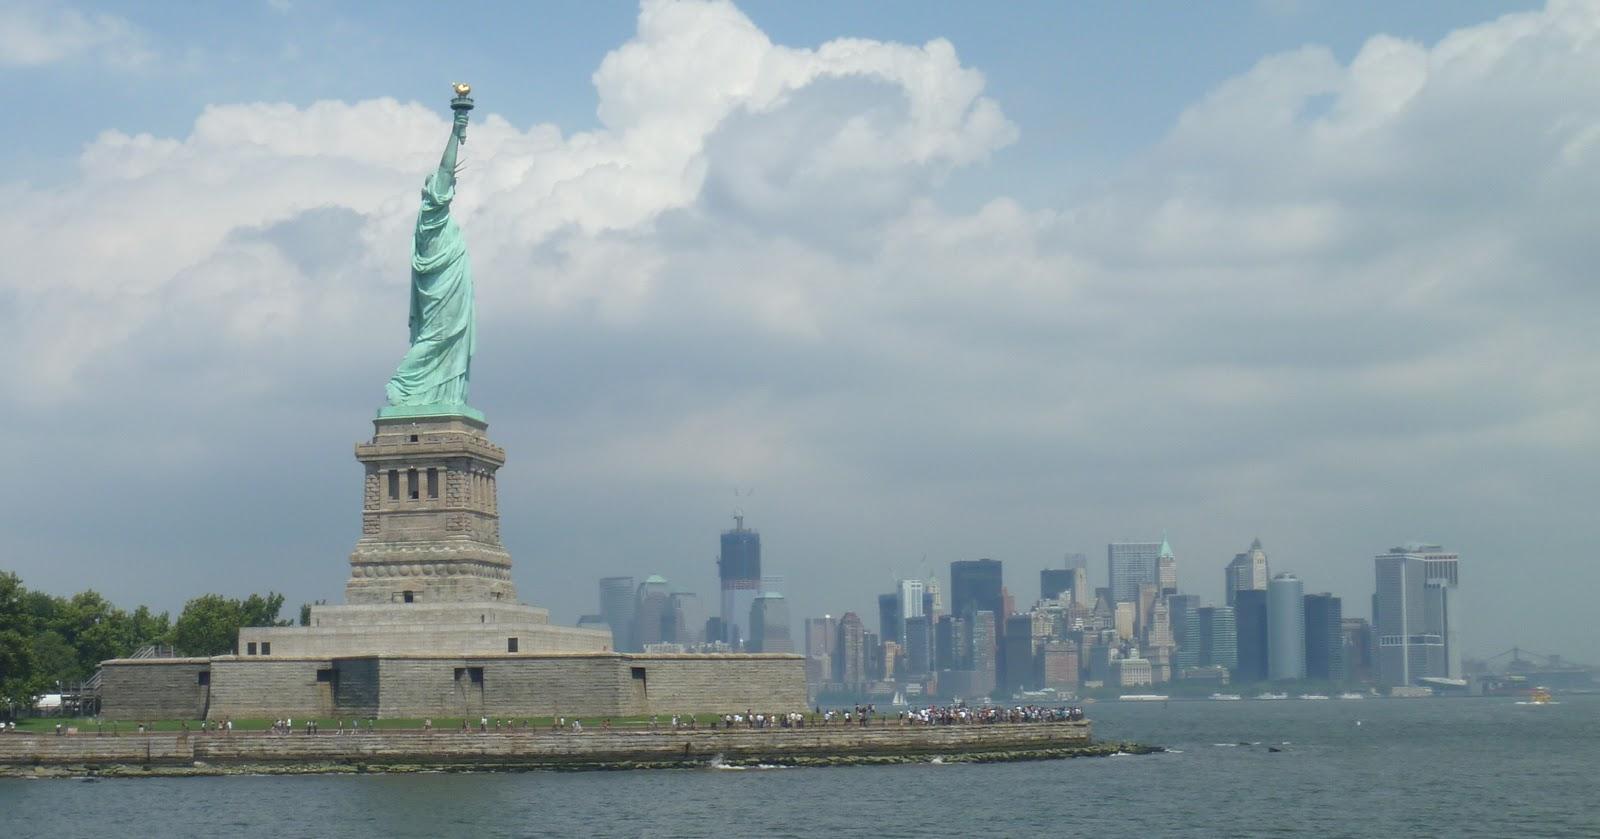 Özgürlük Heykeli Statue of Liberty New York.jpg